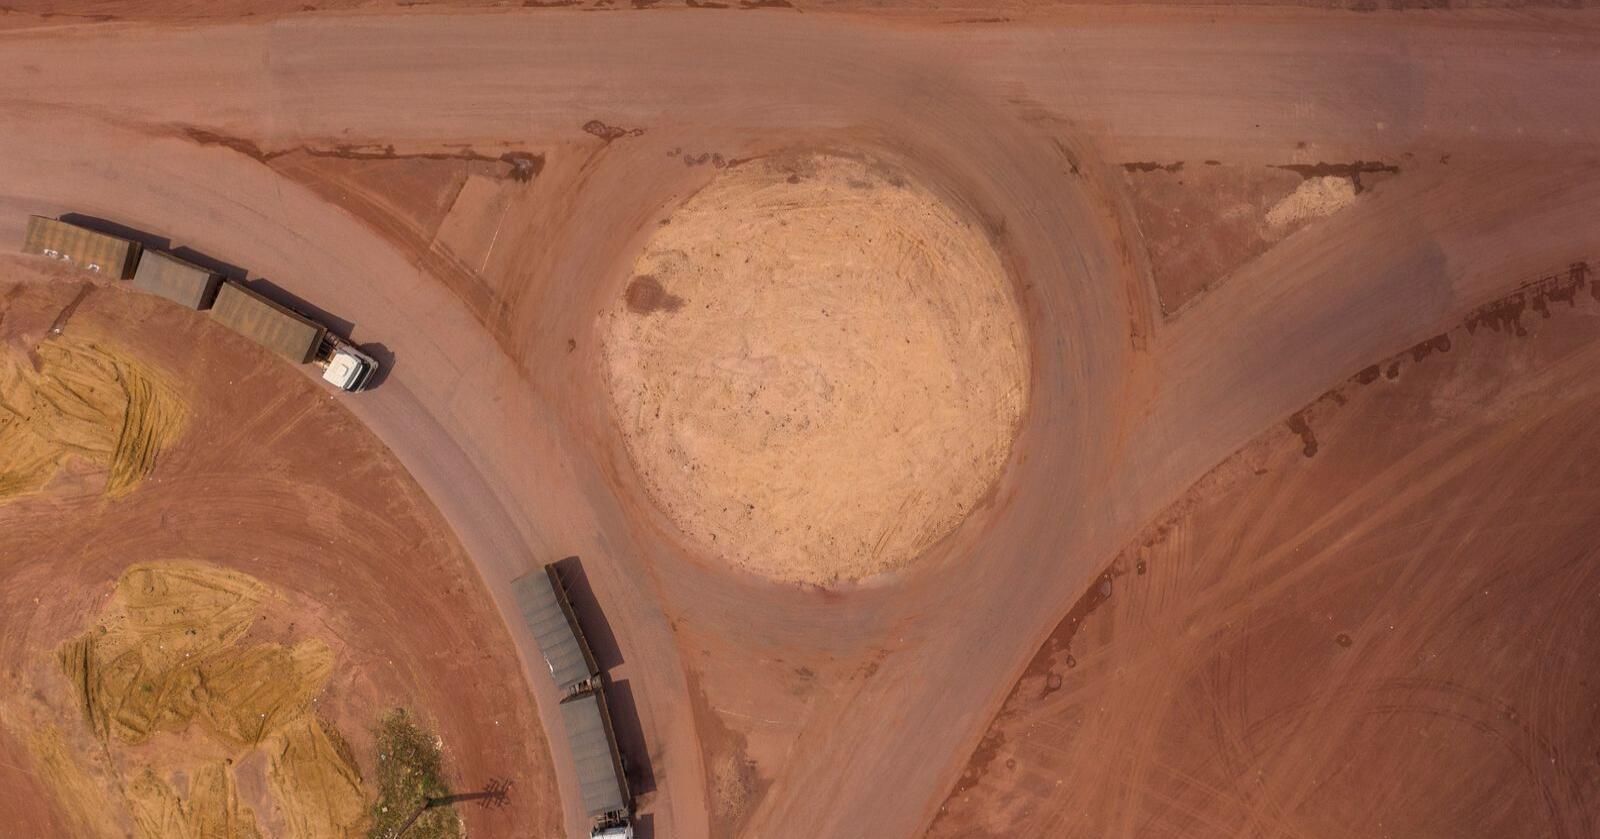 Avskogingen i Amazonas øker kraftig under Brasils høyrepopulistiske president Jair Bolsonaro. Bildet viser motorveien BR-163, som ble asfaltert gjennom delstaten Pará i Amazonas i fjor. Arkivfoto: Leo Correa / AP / NTB scanpix